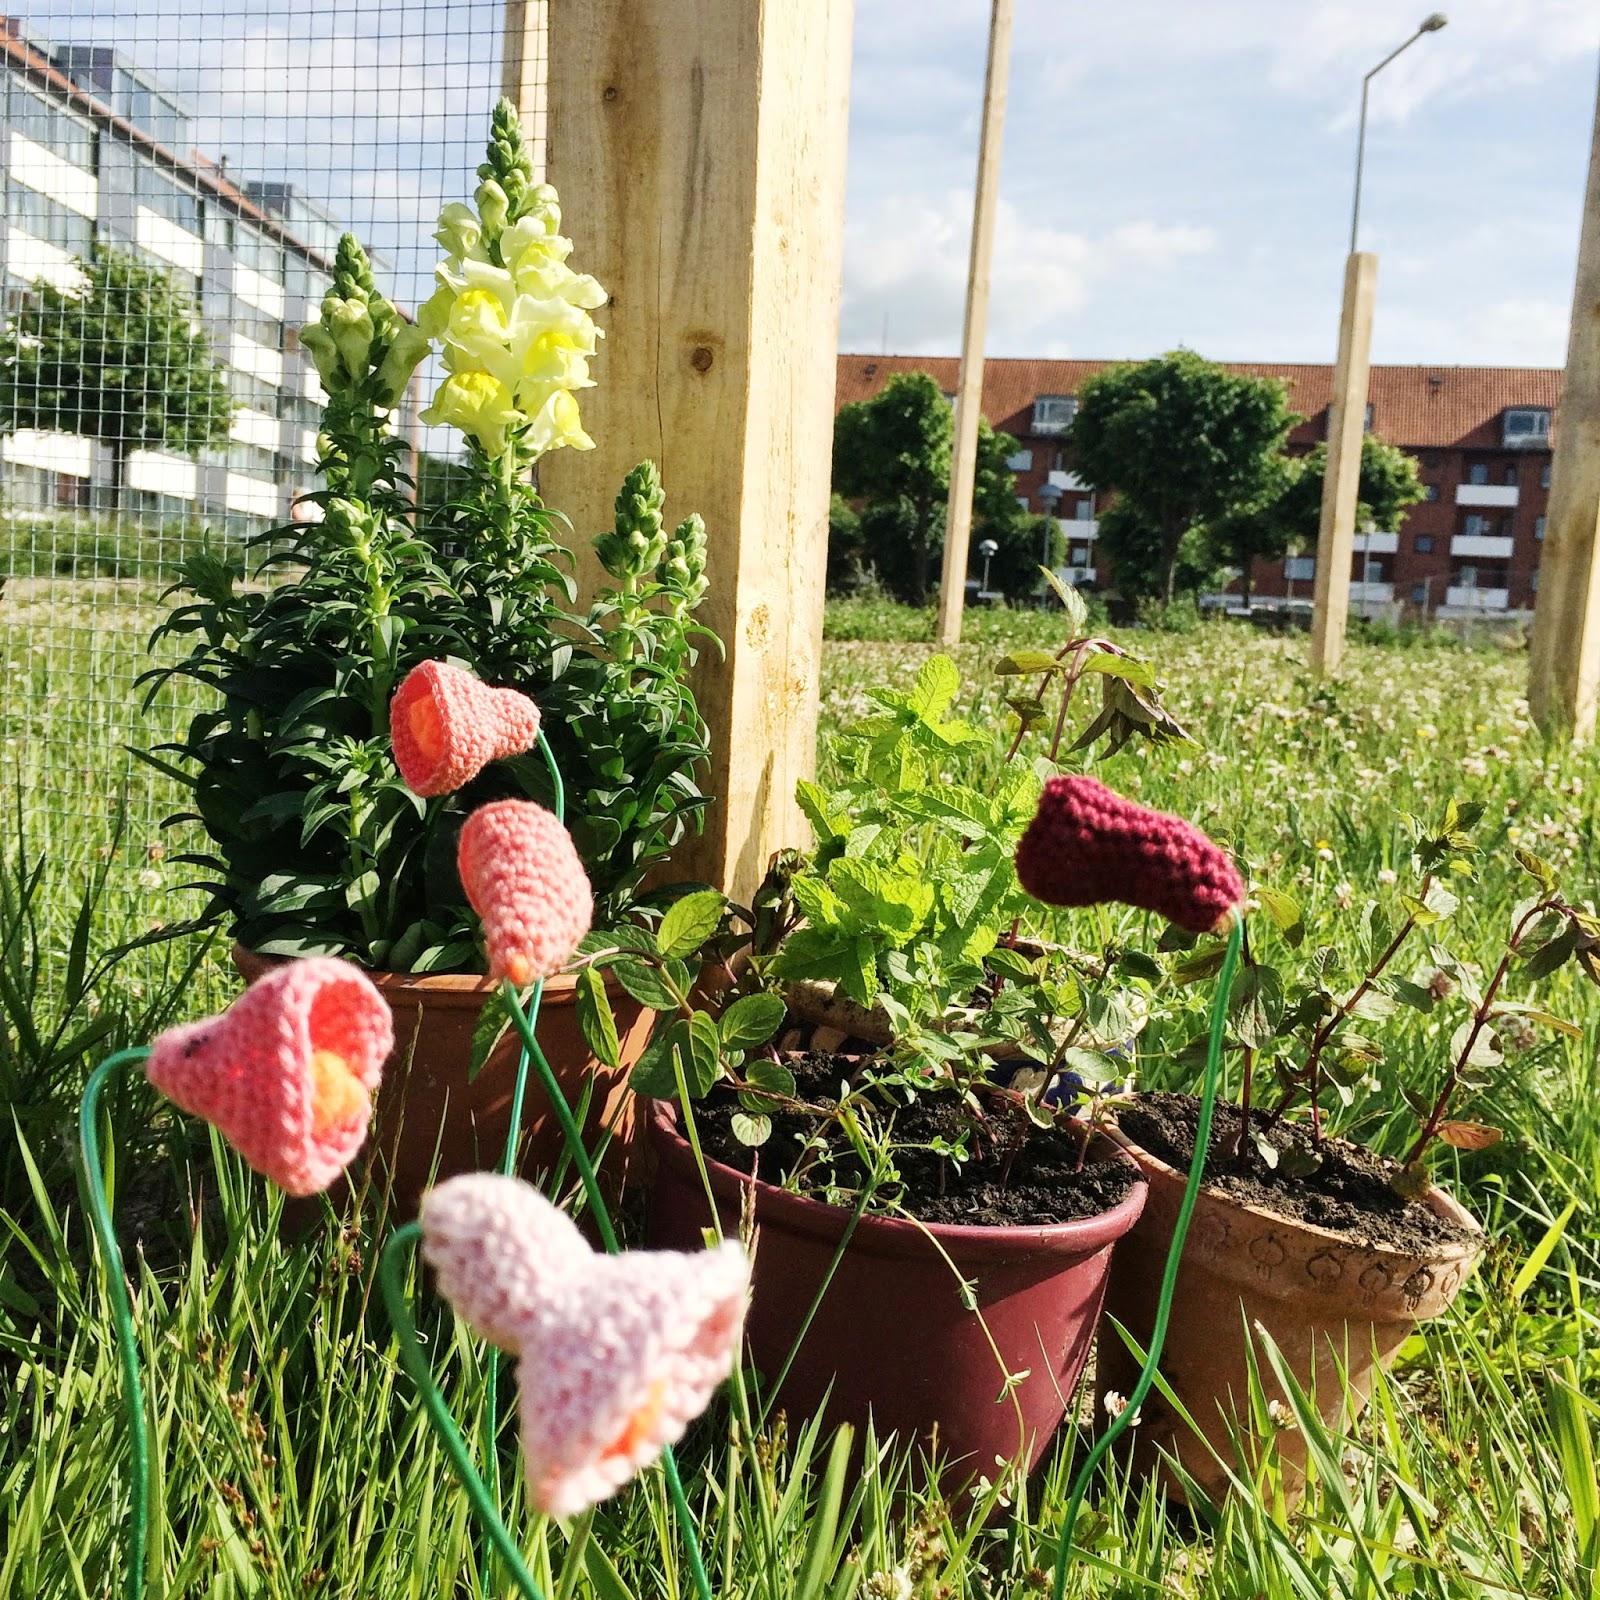 Yarnfarm - a knittet urban garden